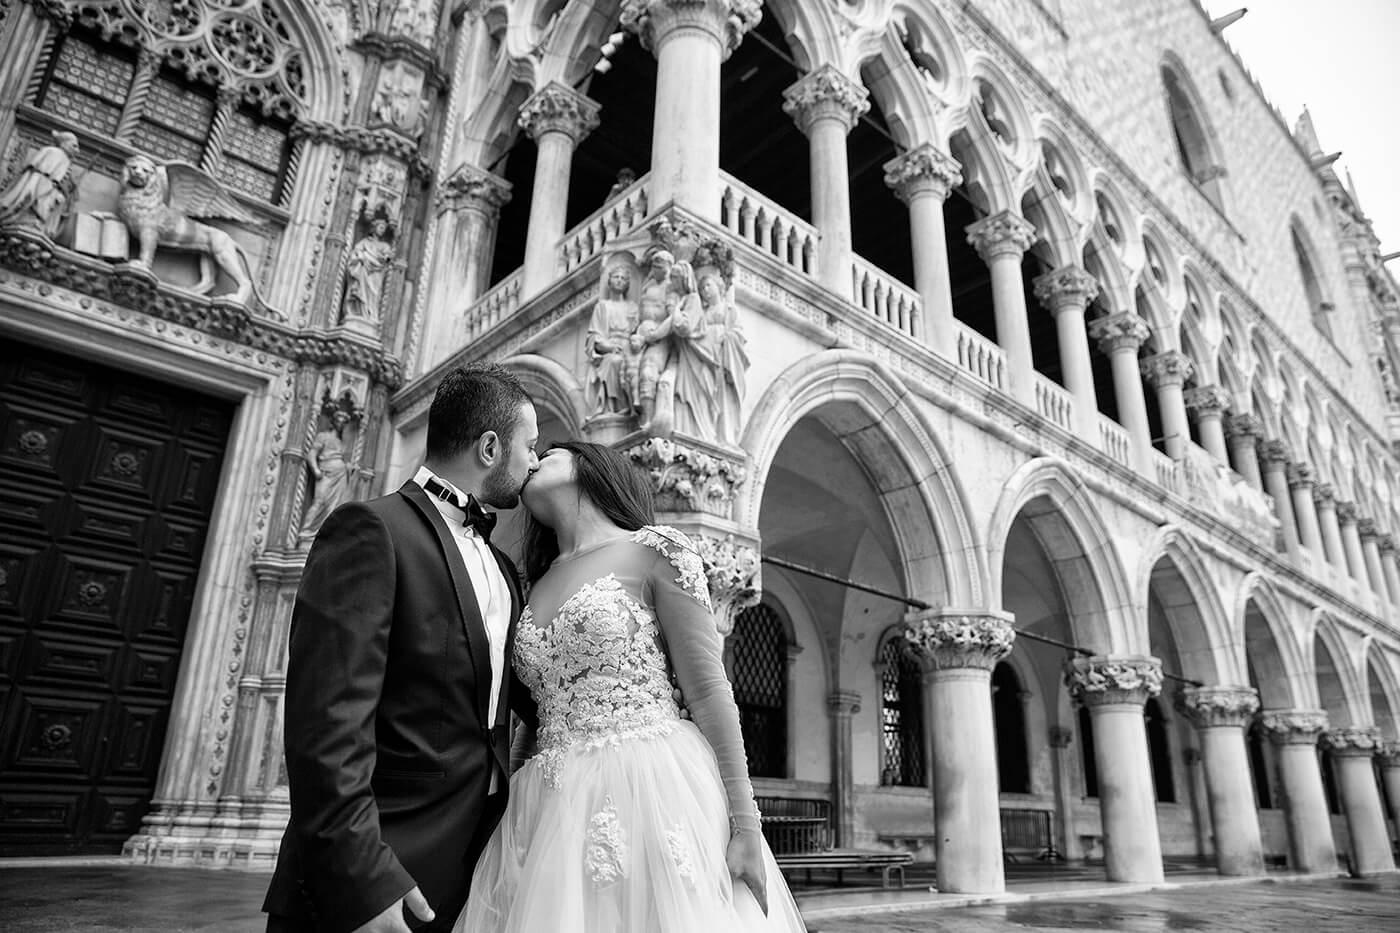 Destination Photographer in Tuscany And Venice - Duccio Argentini